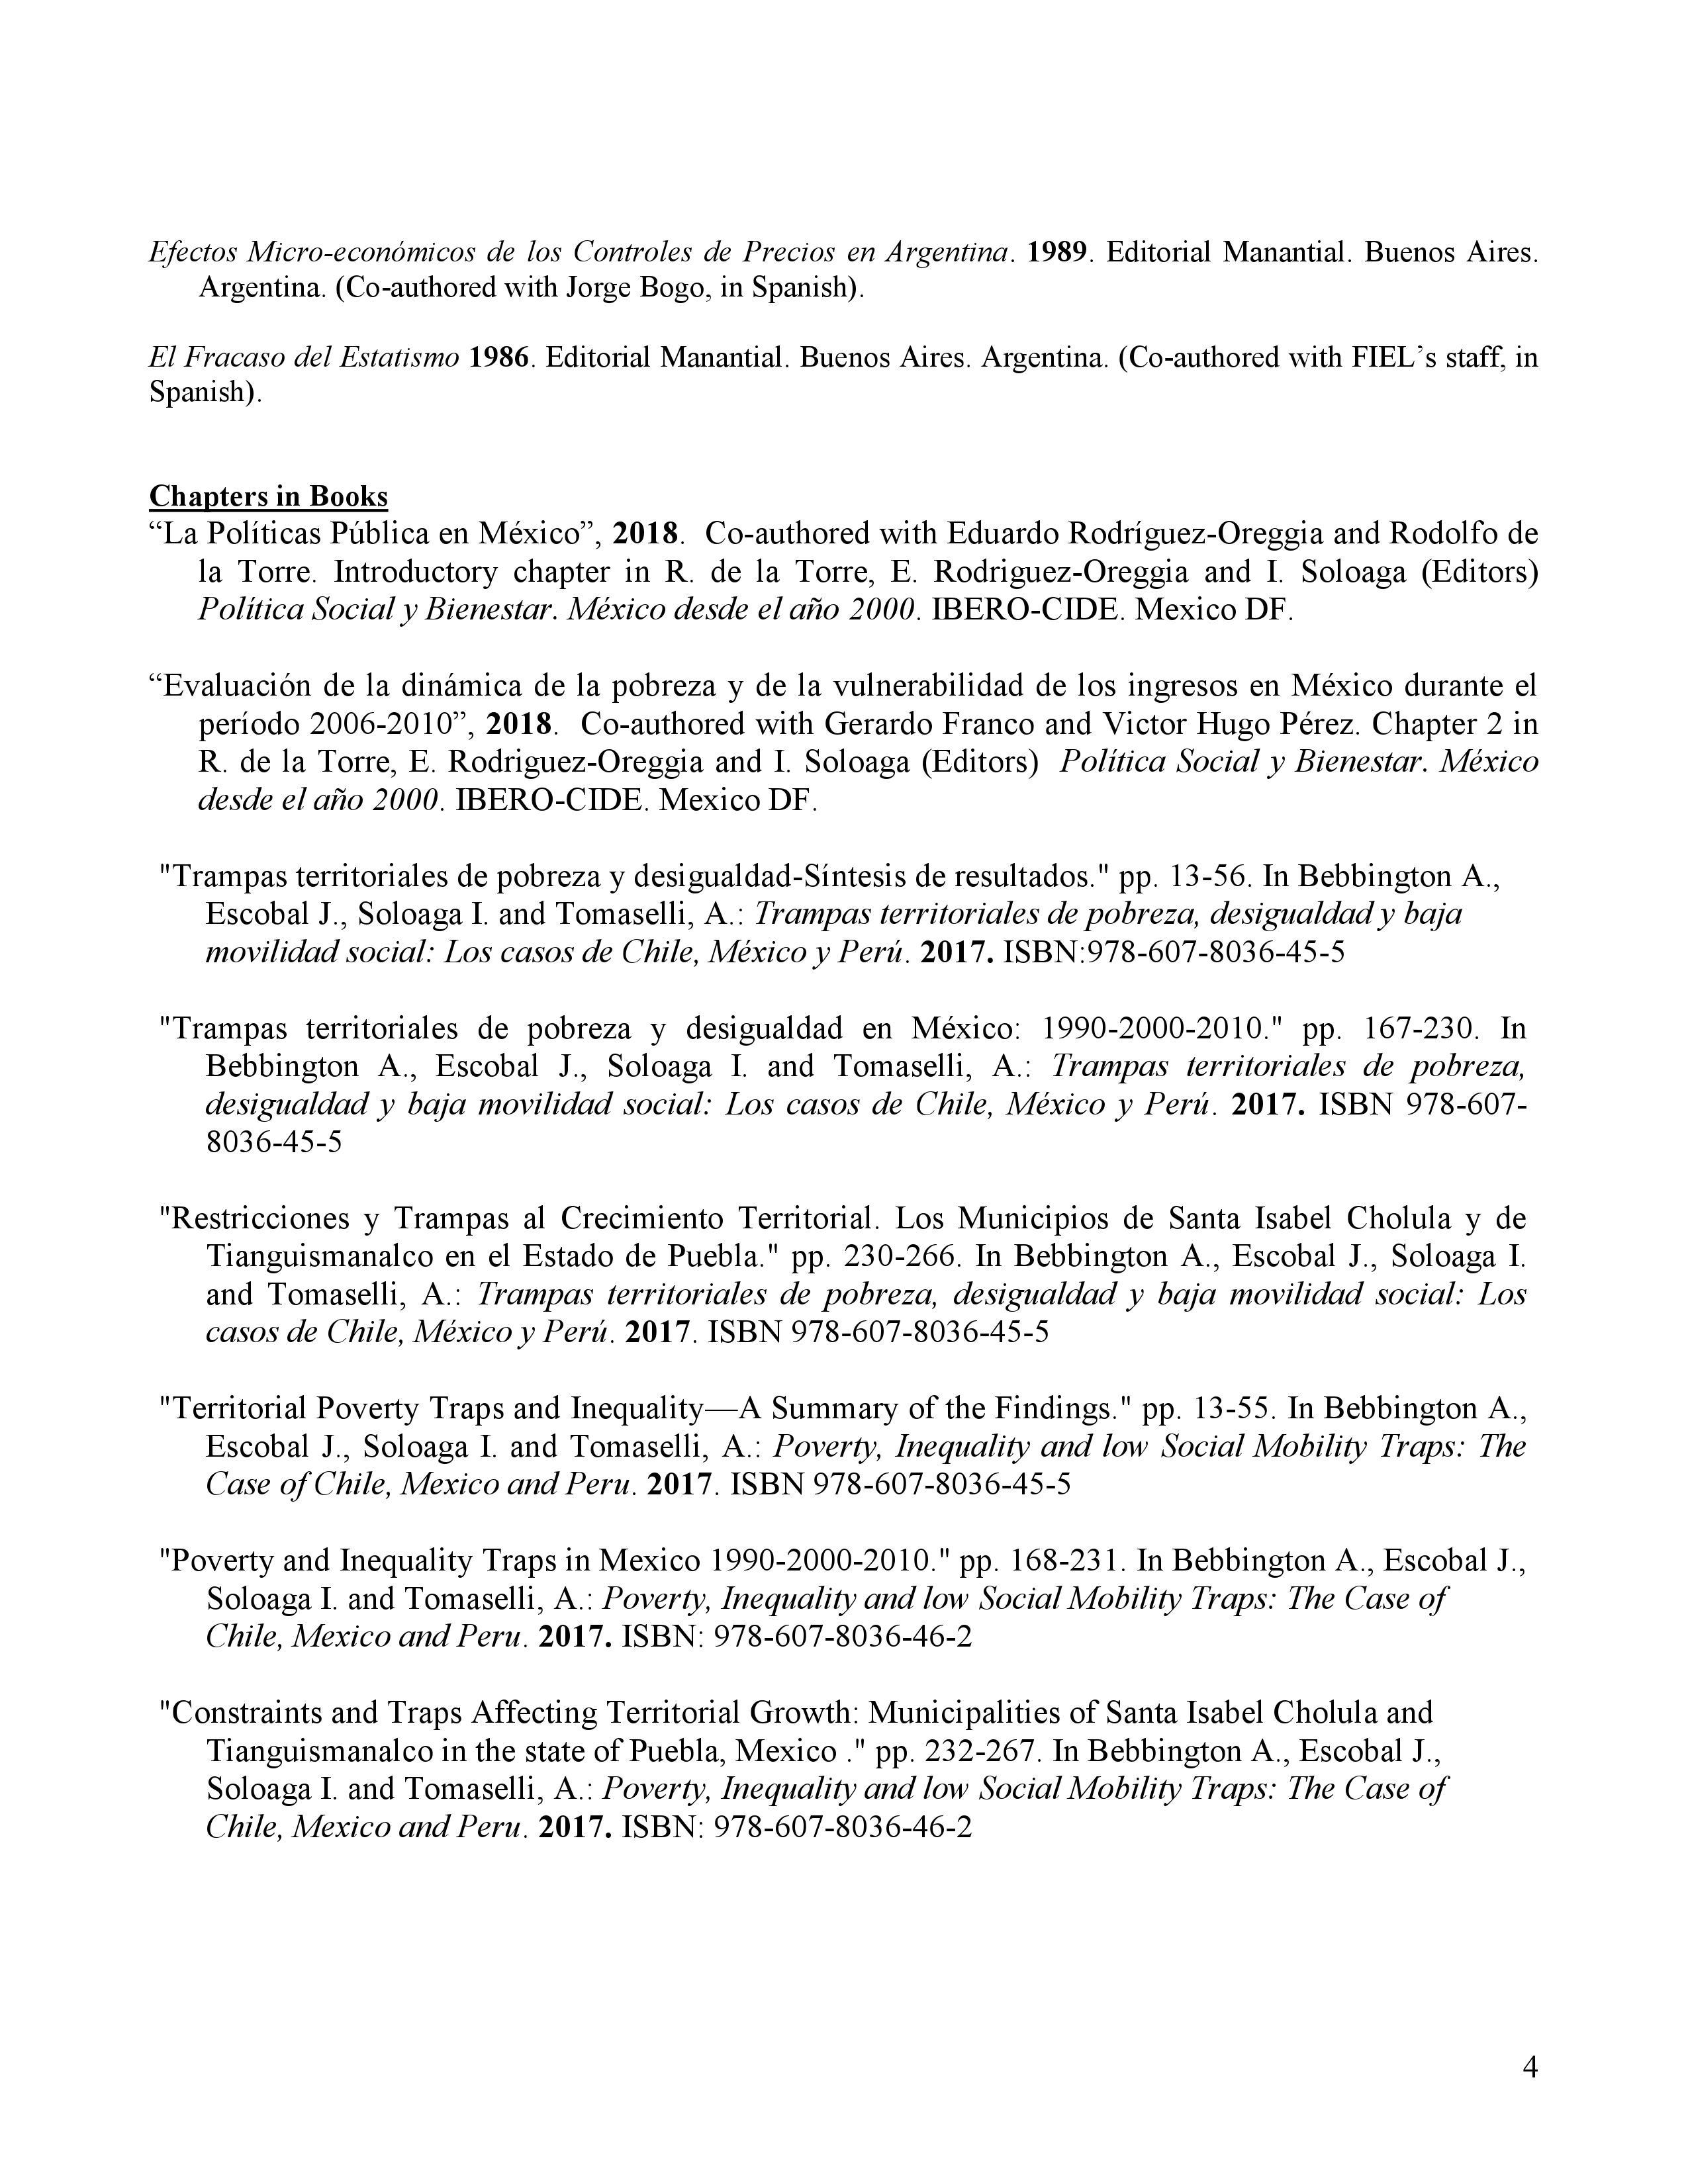 Curriculum Vitae Dr Isidro Soloaga Ibero Economia